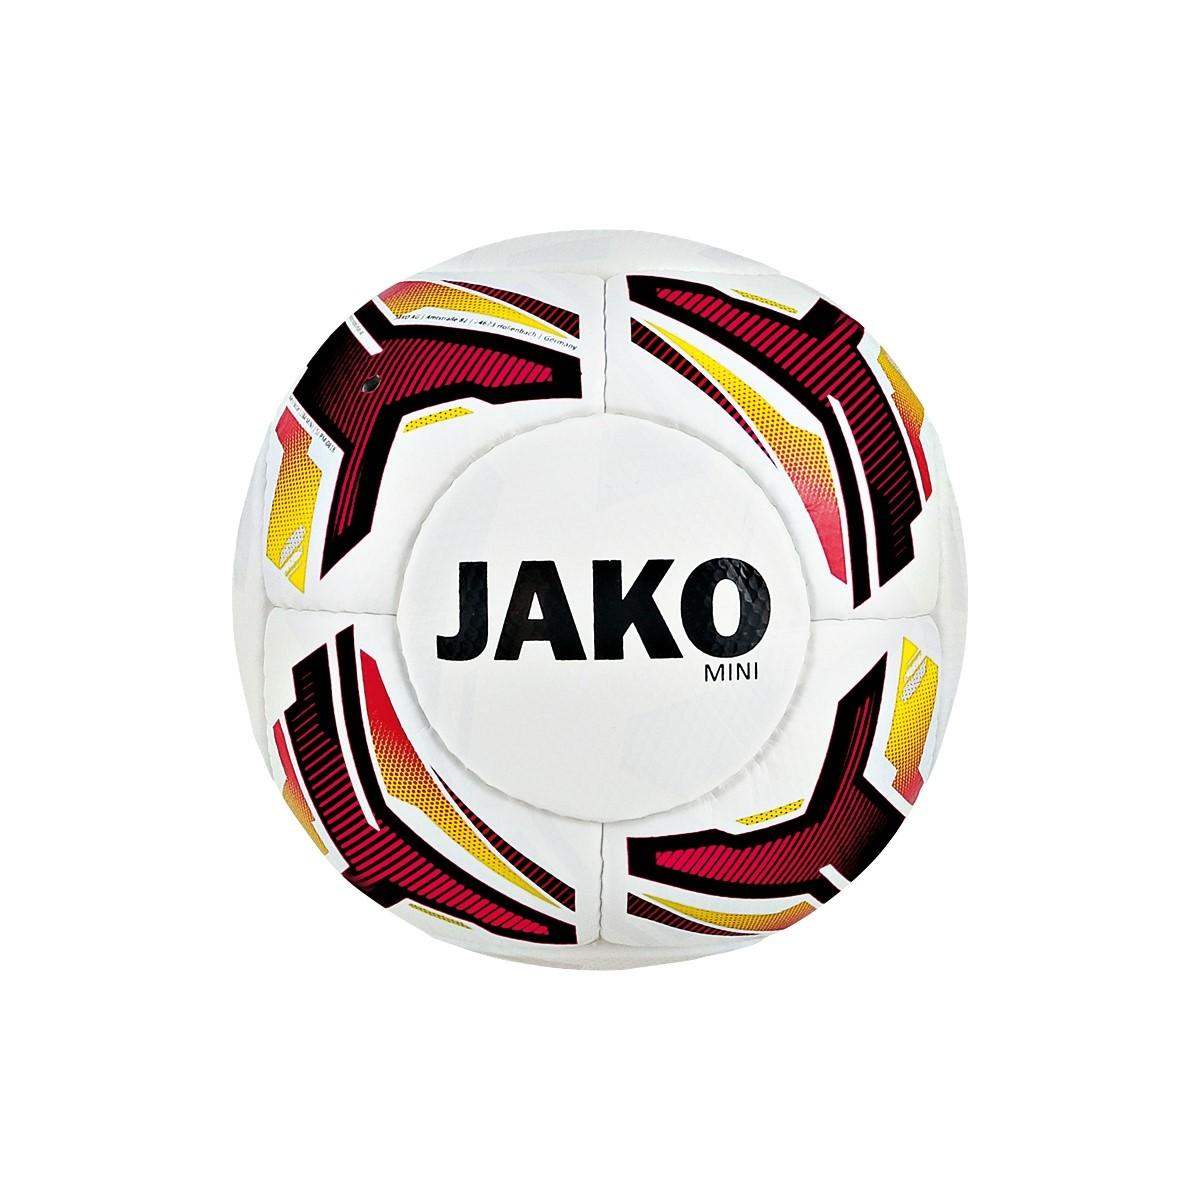 JAKO Miniball weiß/schwarz/rot/gelb